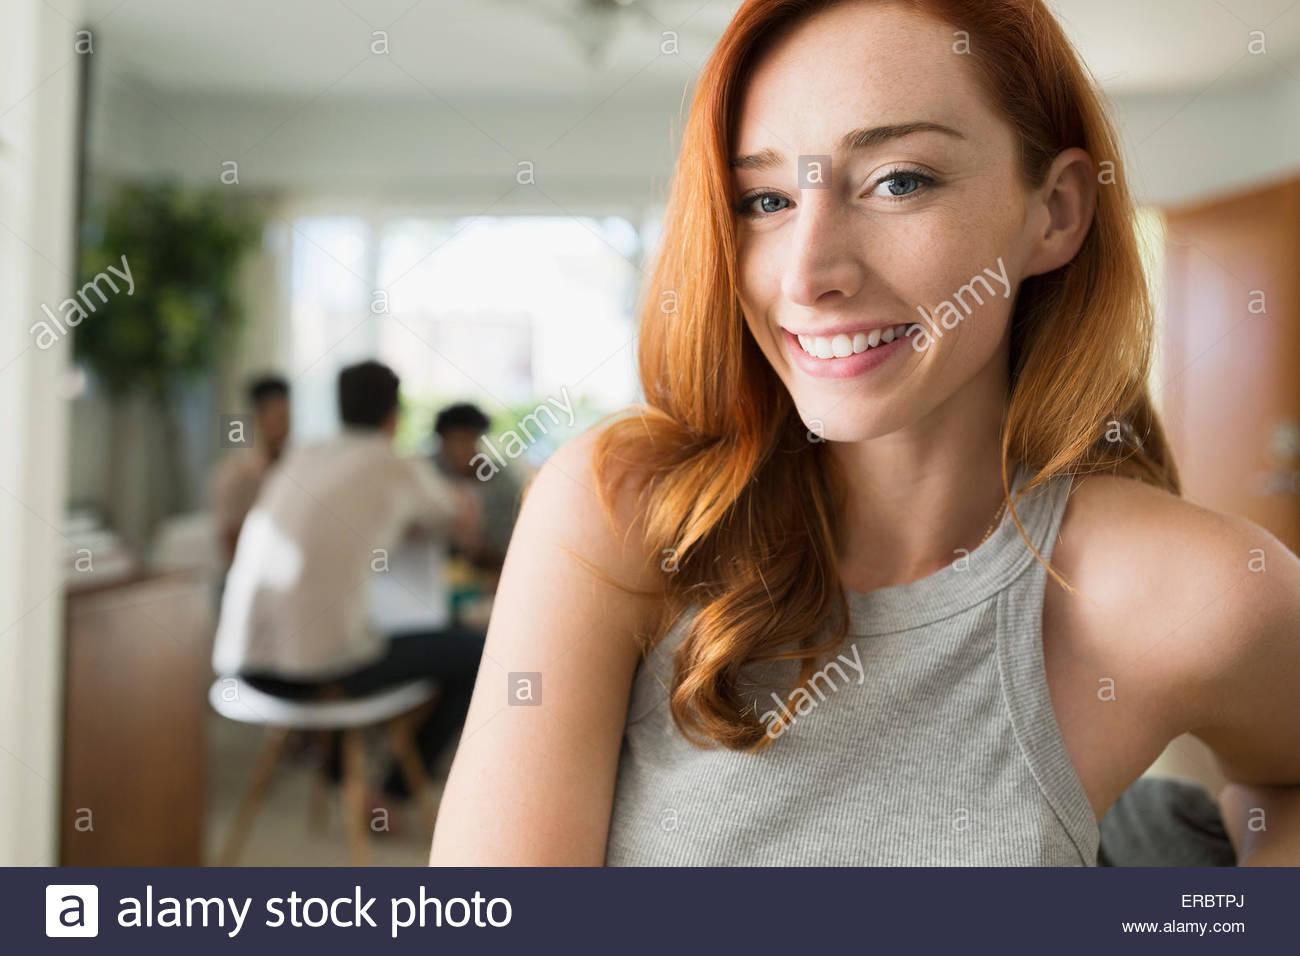 Ritratto di donna sorridente con i capelli rossi Immagini Stock